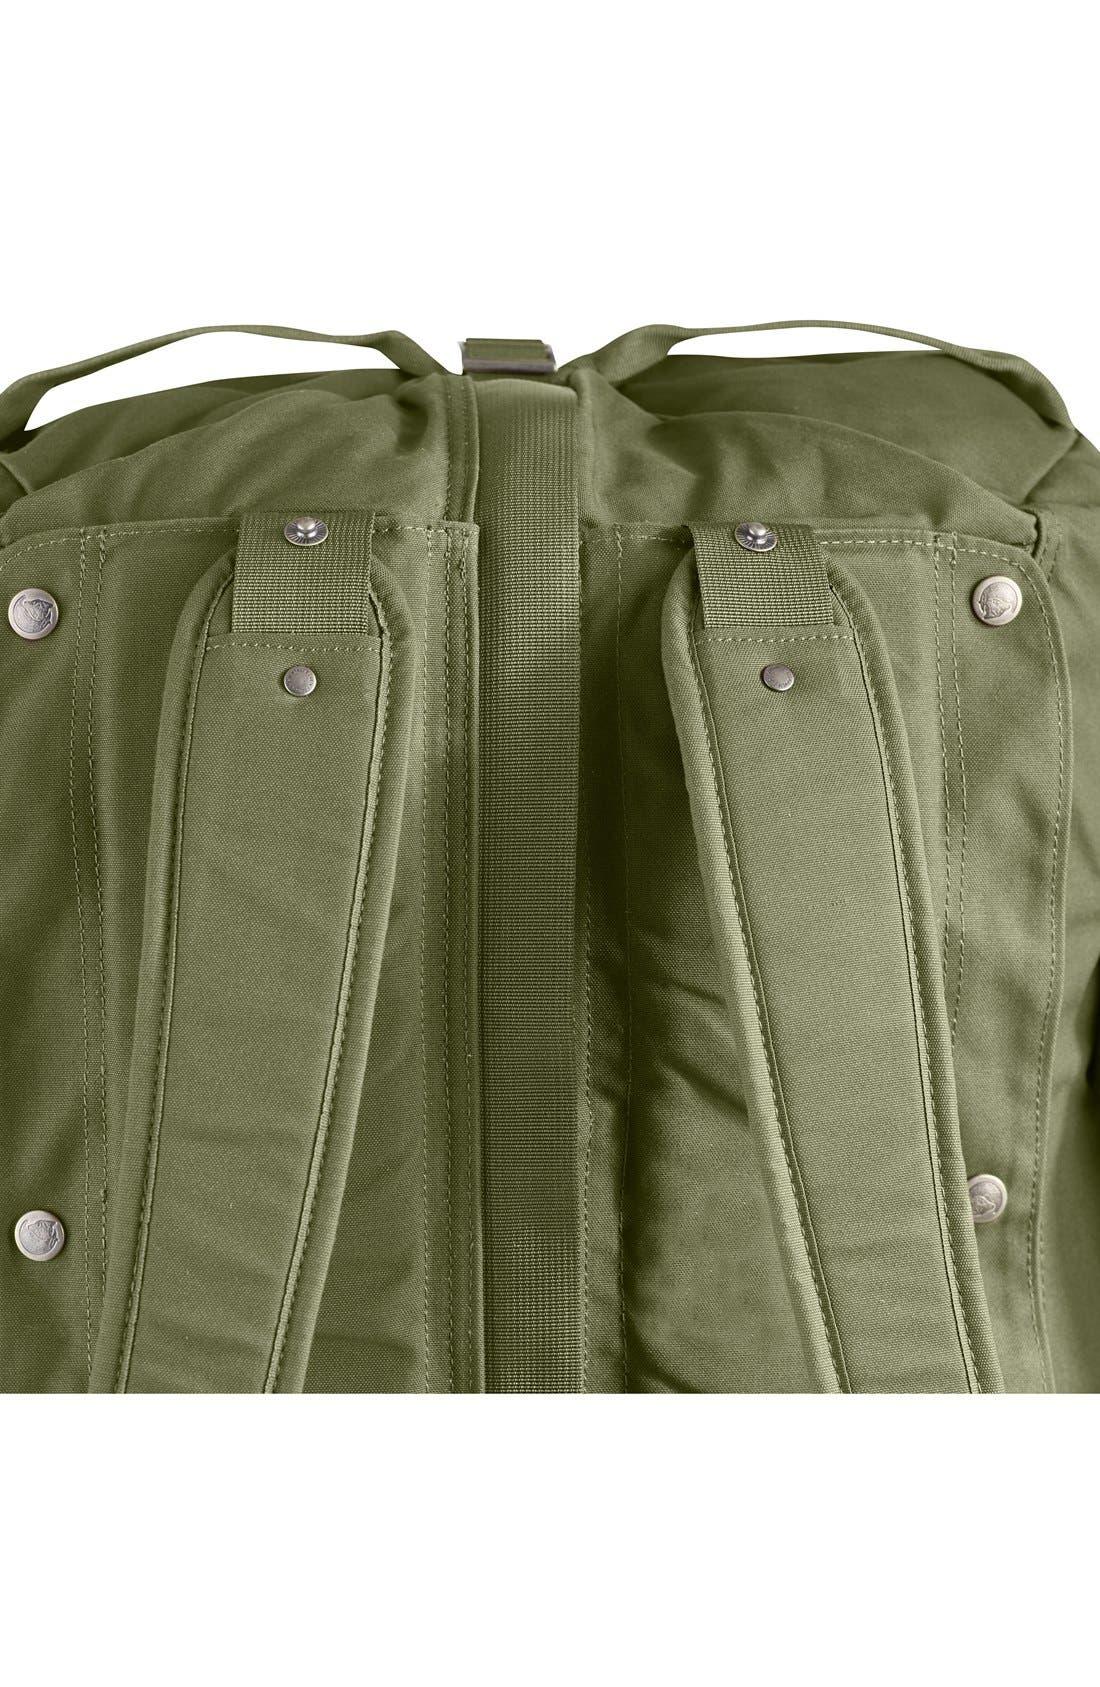 'Duffel Bag No. 6' Large Duffel Bag,                             Alternate thumbnail 11, color,